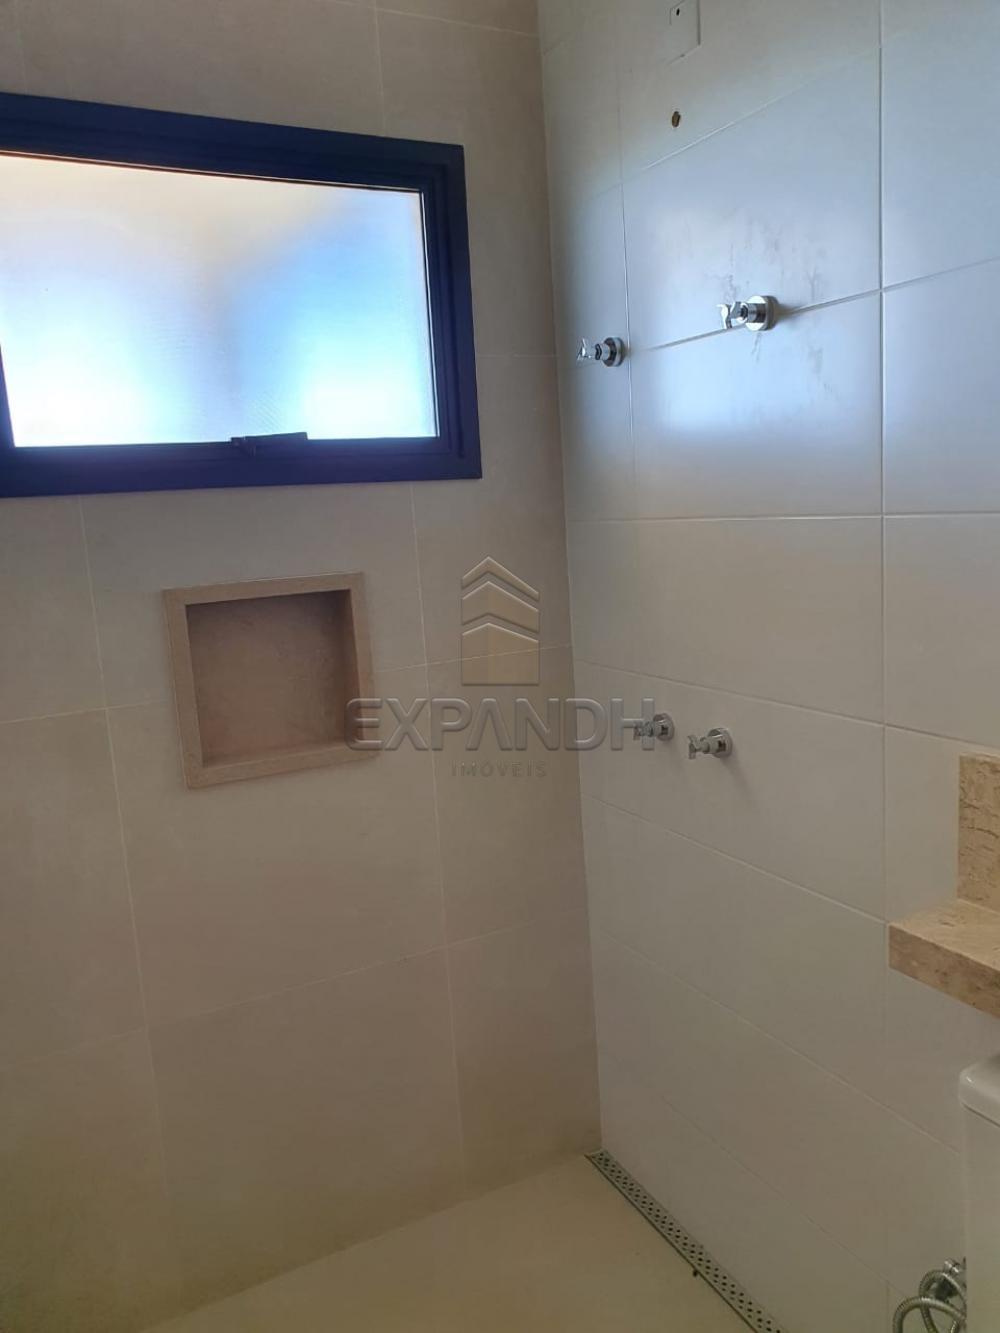 Comprar Casas / Condomínio em Sertãozinho R$ 478.390,00 - Foto 15